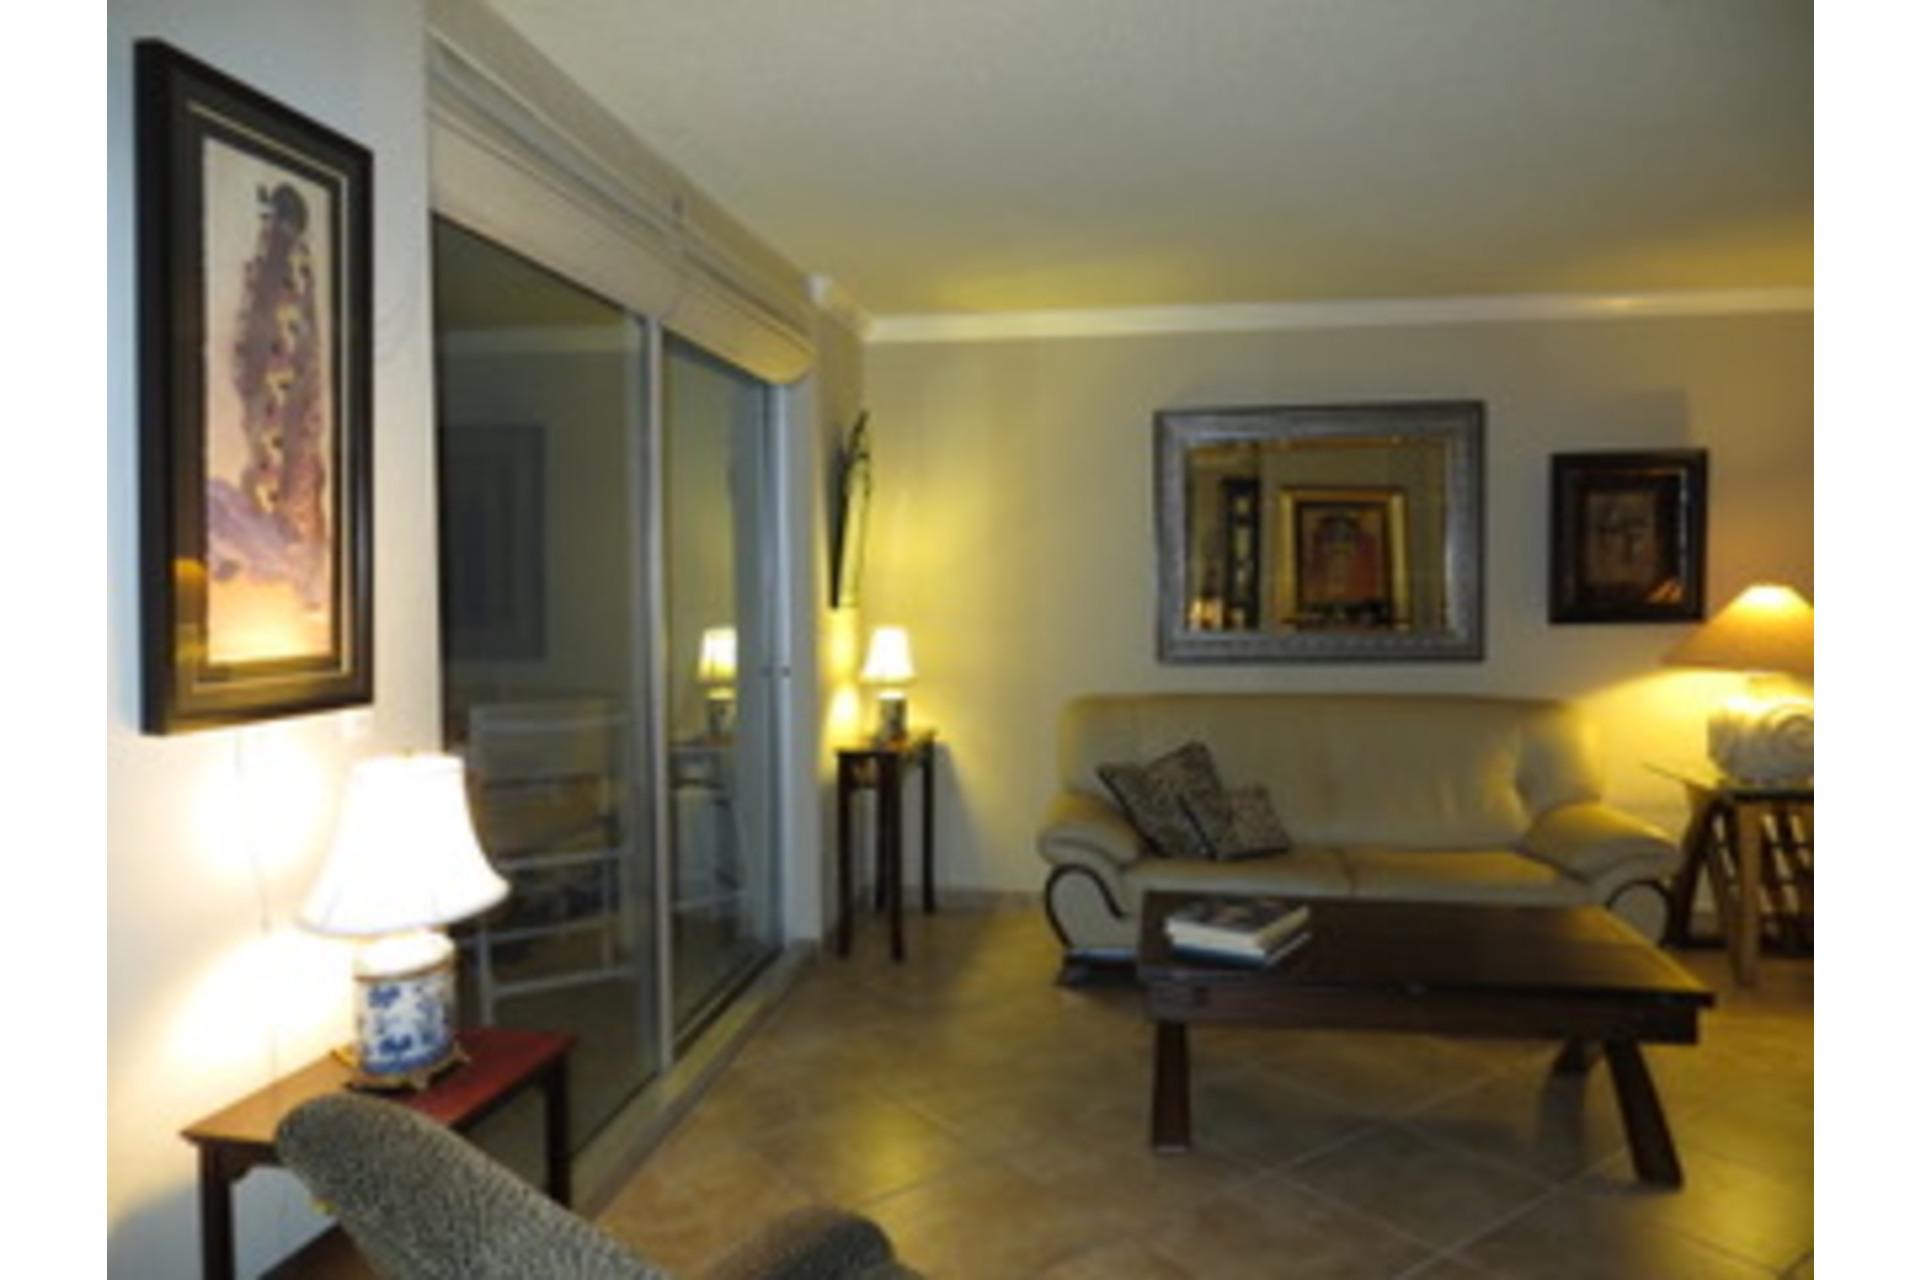 image 2 - Condo Short rental Hallandale Beach - 6 rooms